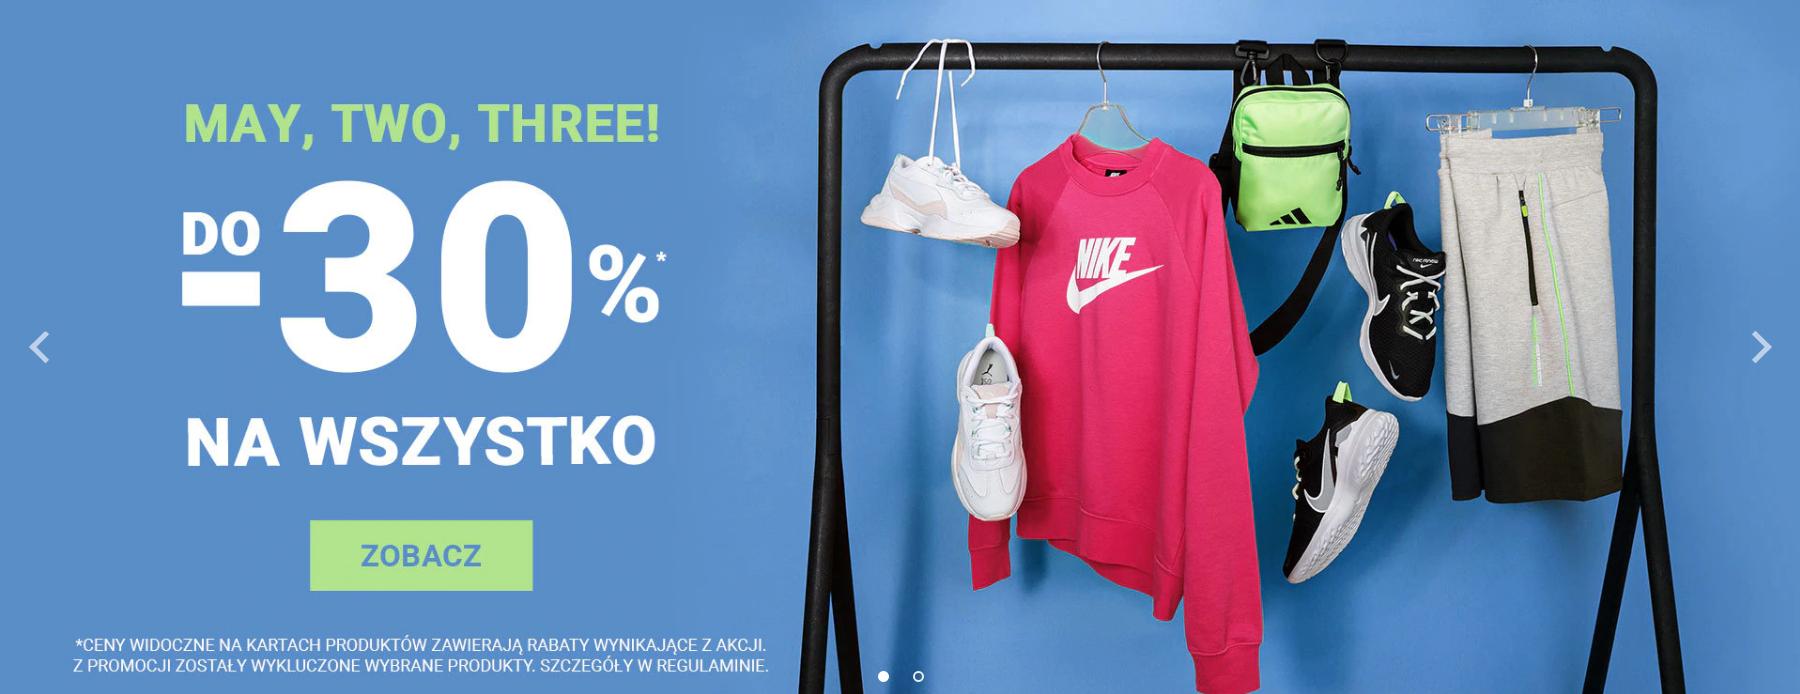 ButySportowe.pl: do 30% zniżki na sneakersy,odzież i akcesoria Adidas, Nike, Reebok, Puma, Vans, New Balance                         title=